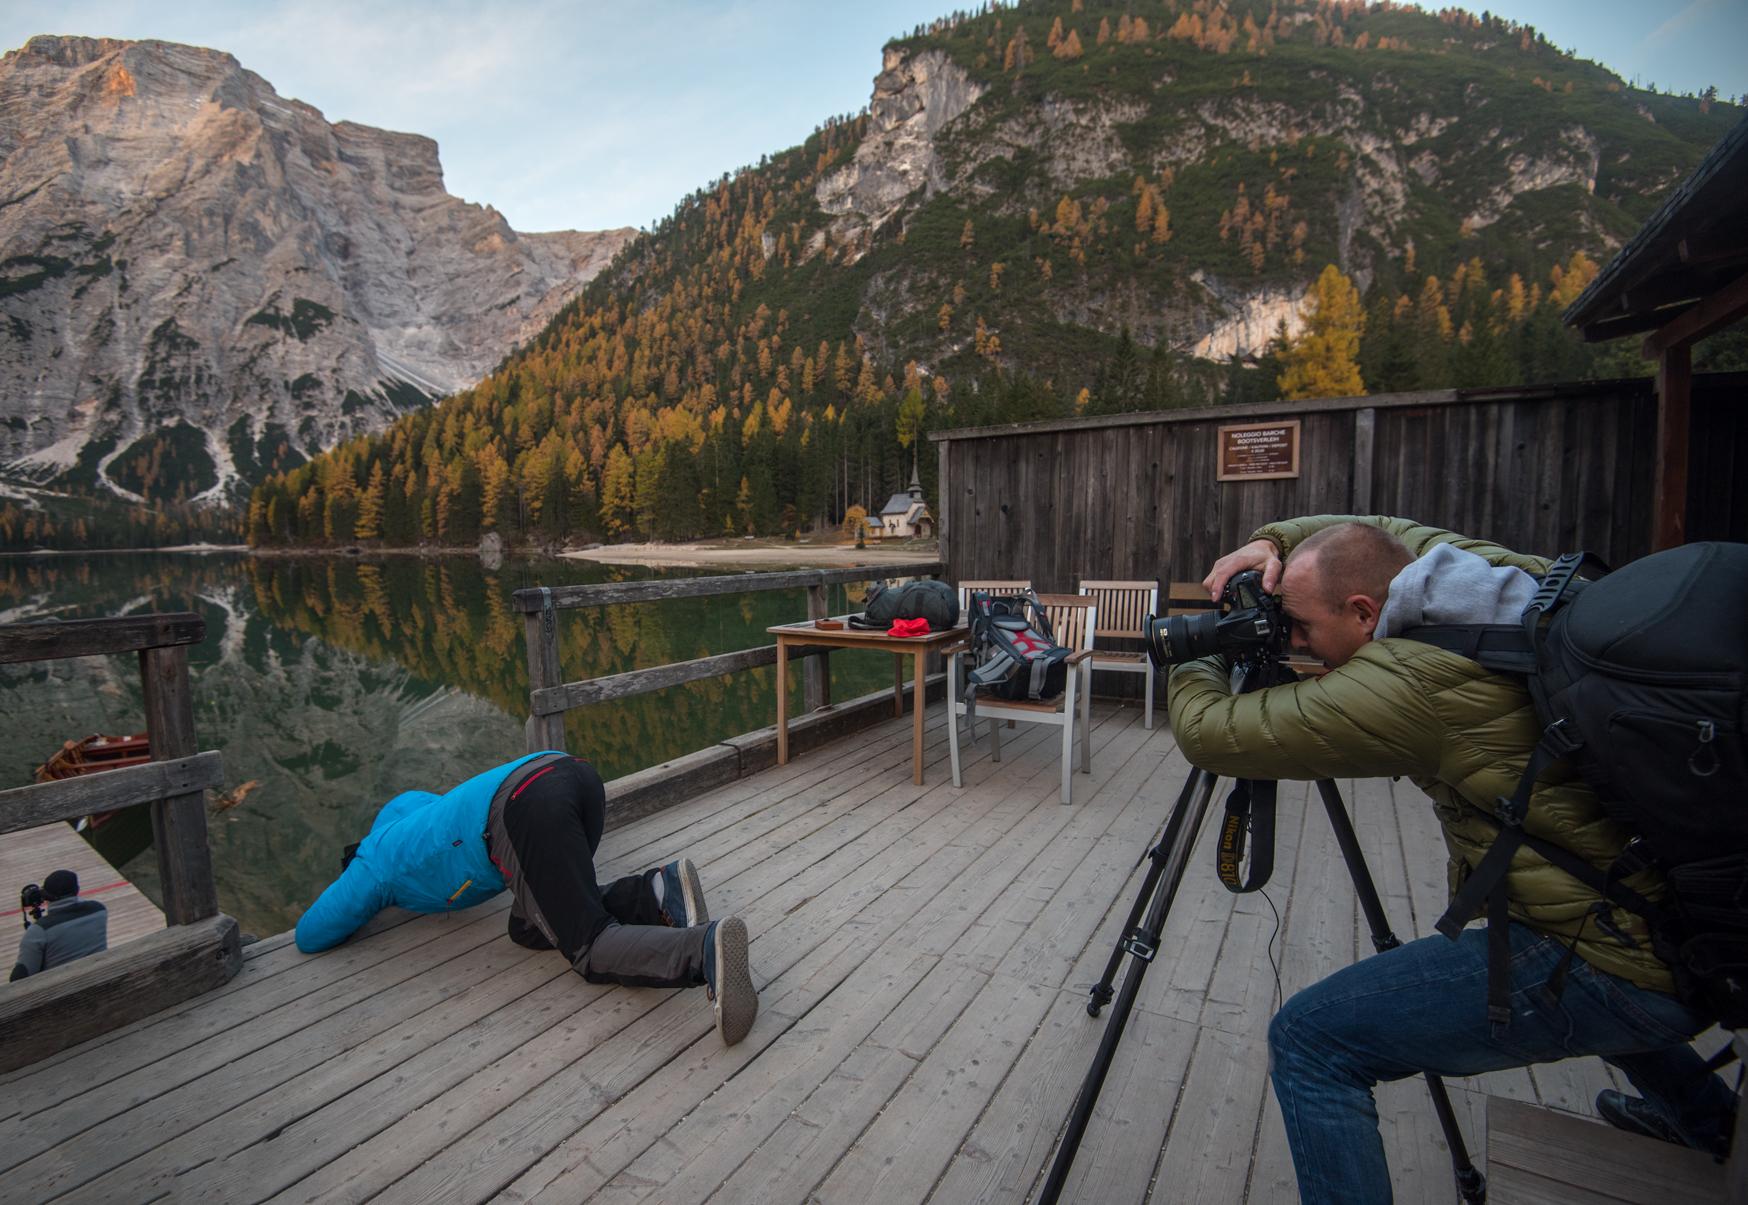 Fotowyprawa wDolomity ifotografowanie (wamoku) Lago di Braies